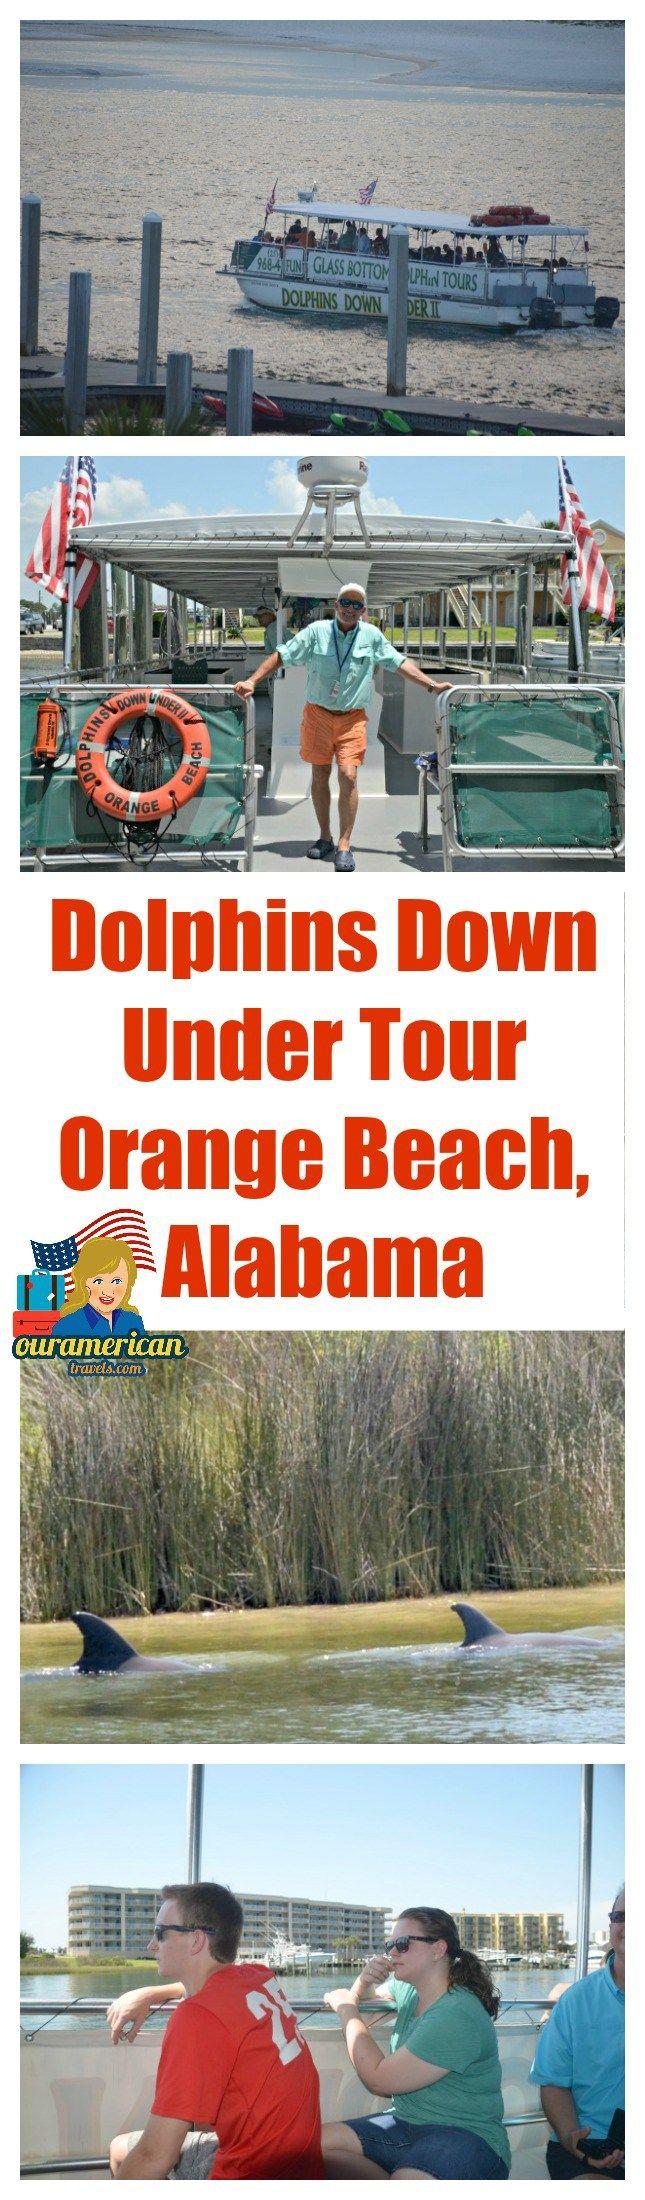 Dolphins Down Under Tour Orange Beach Alabama #travel #Orange Beach #Alabama…